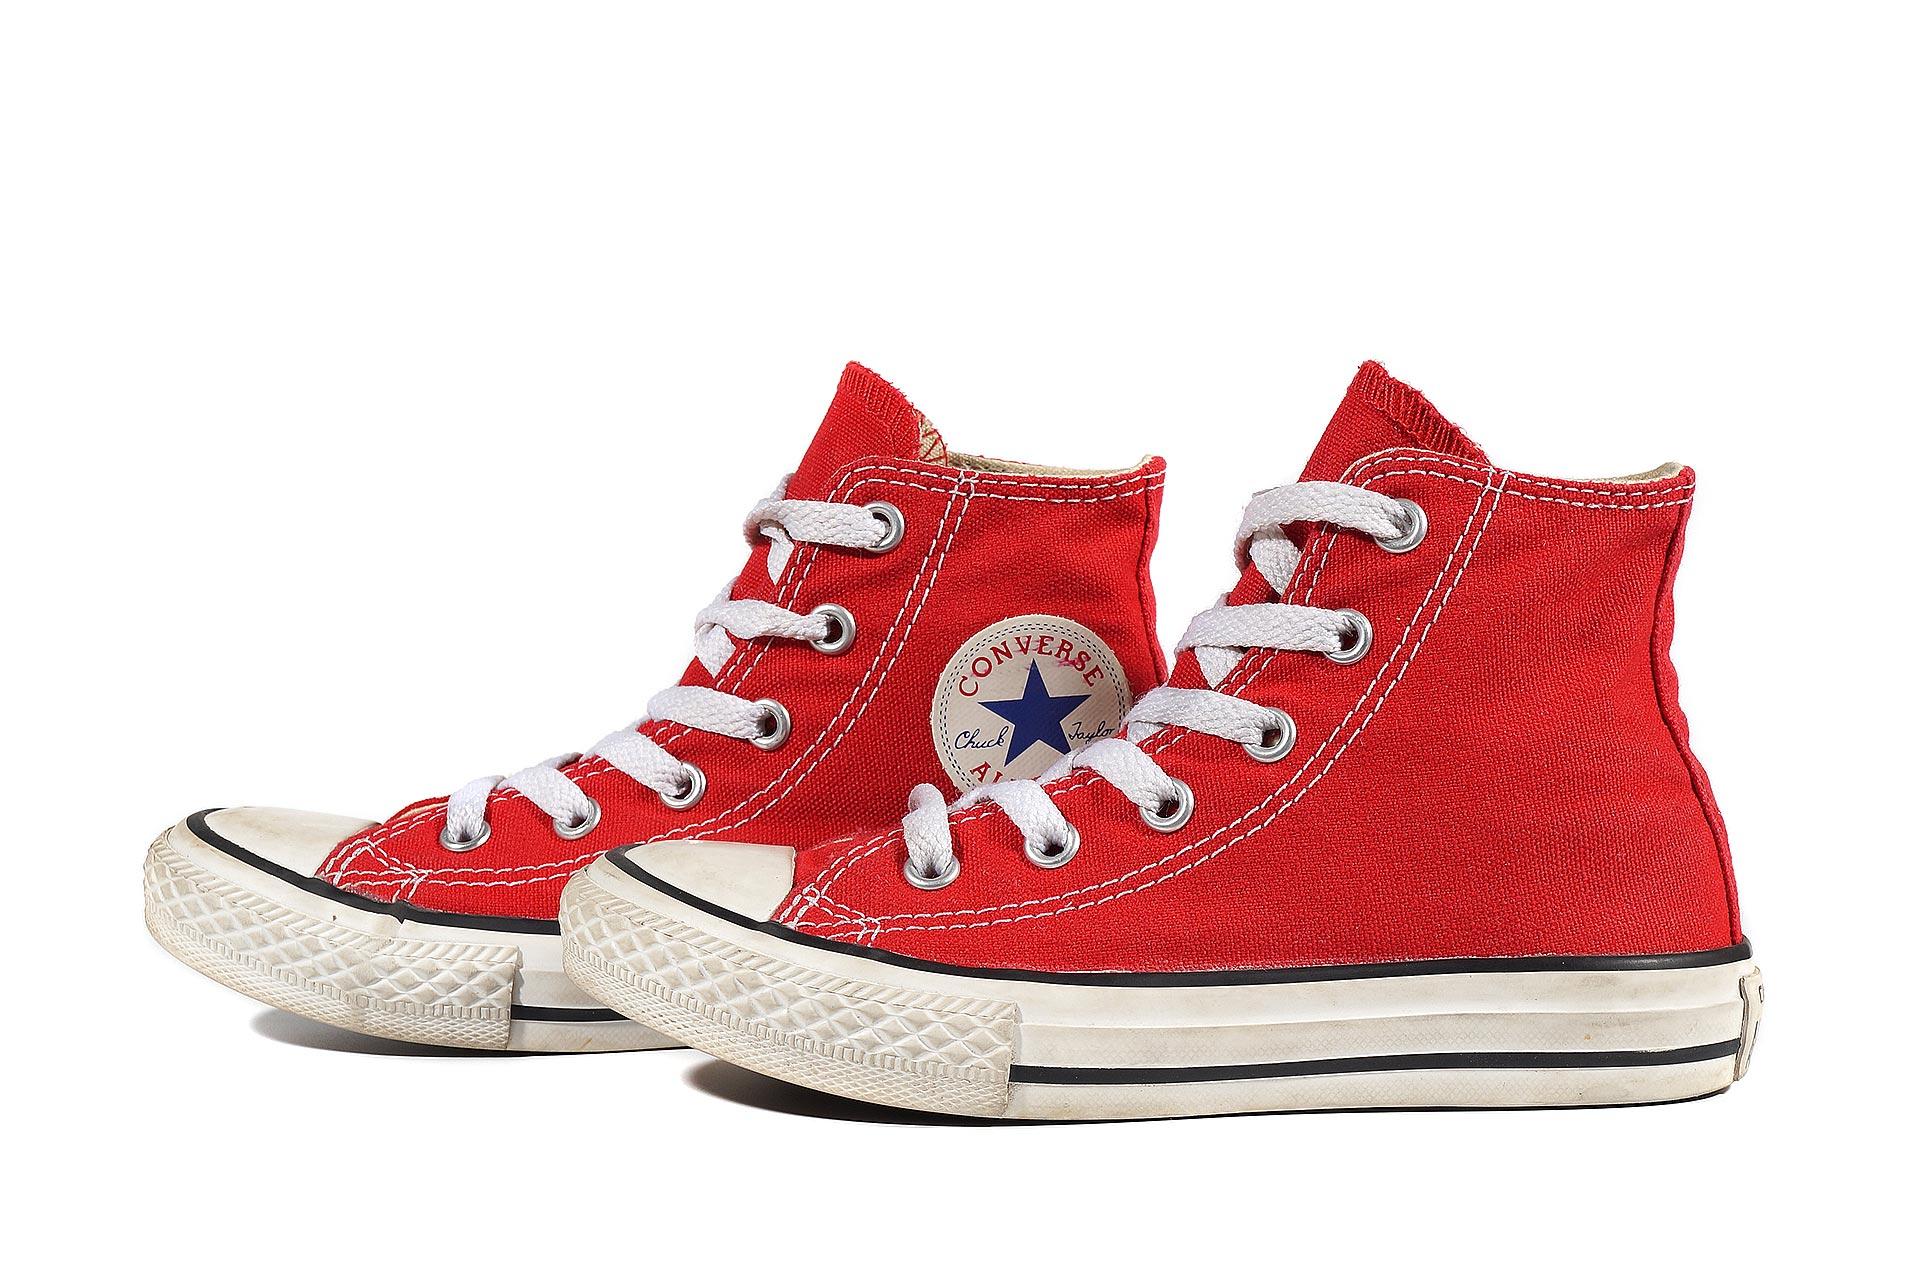 c978b5d5f0f0 Converse kids Chuck Taylor All Star 3J232 (00083-U) sneakers used ...